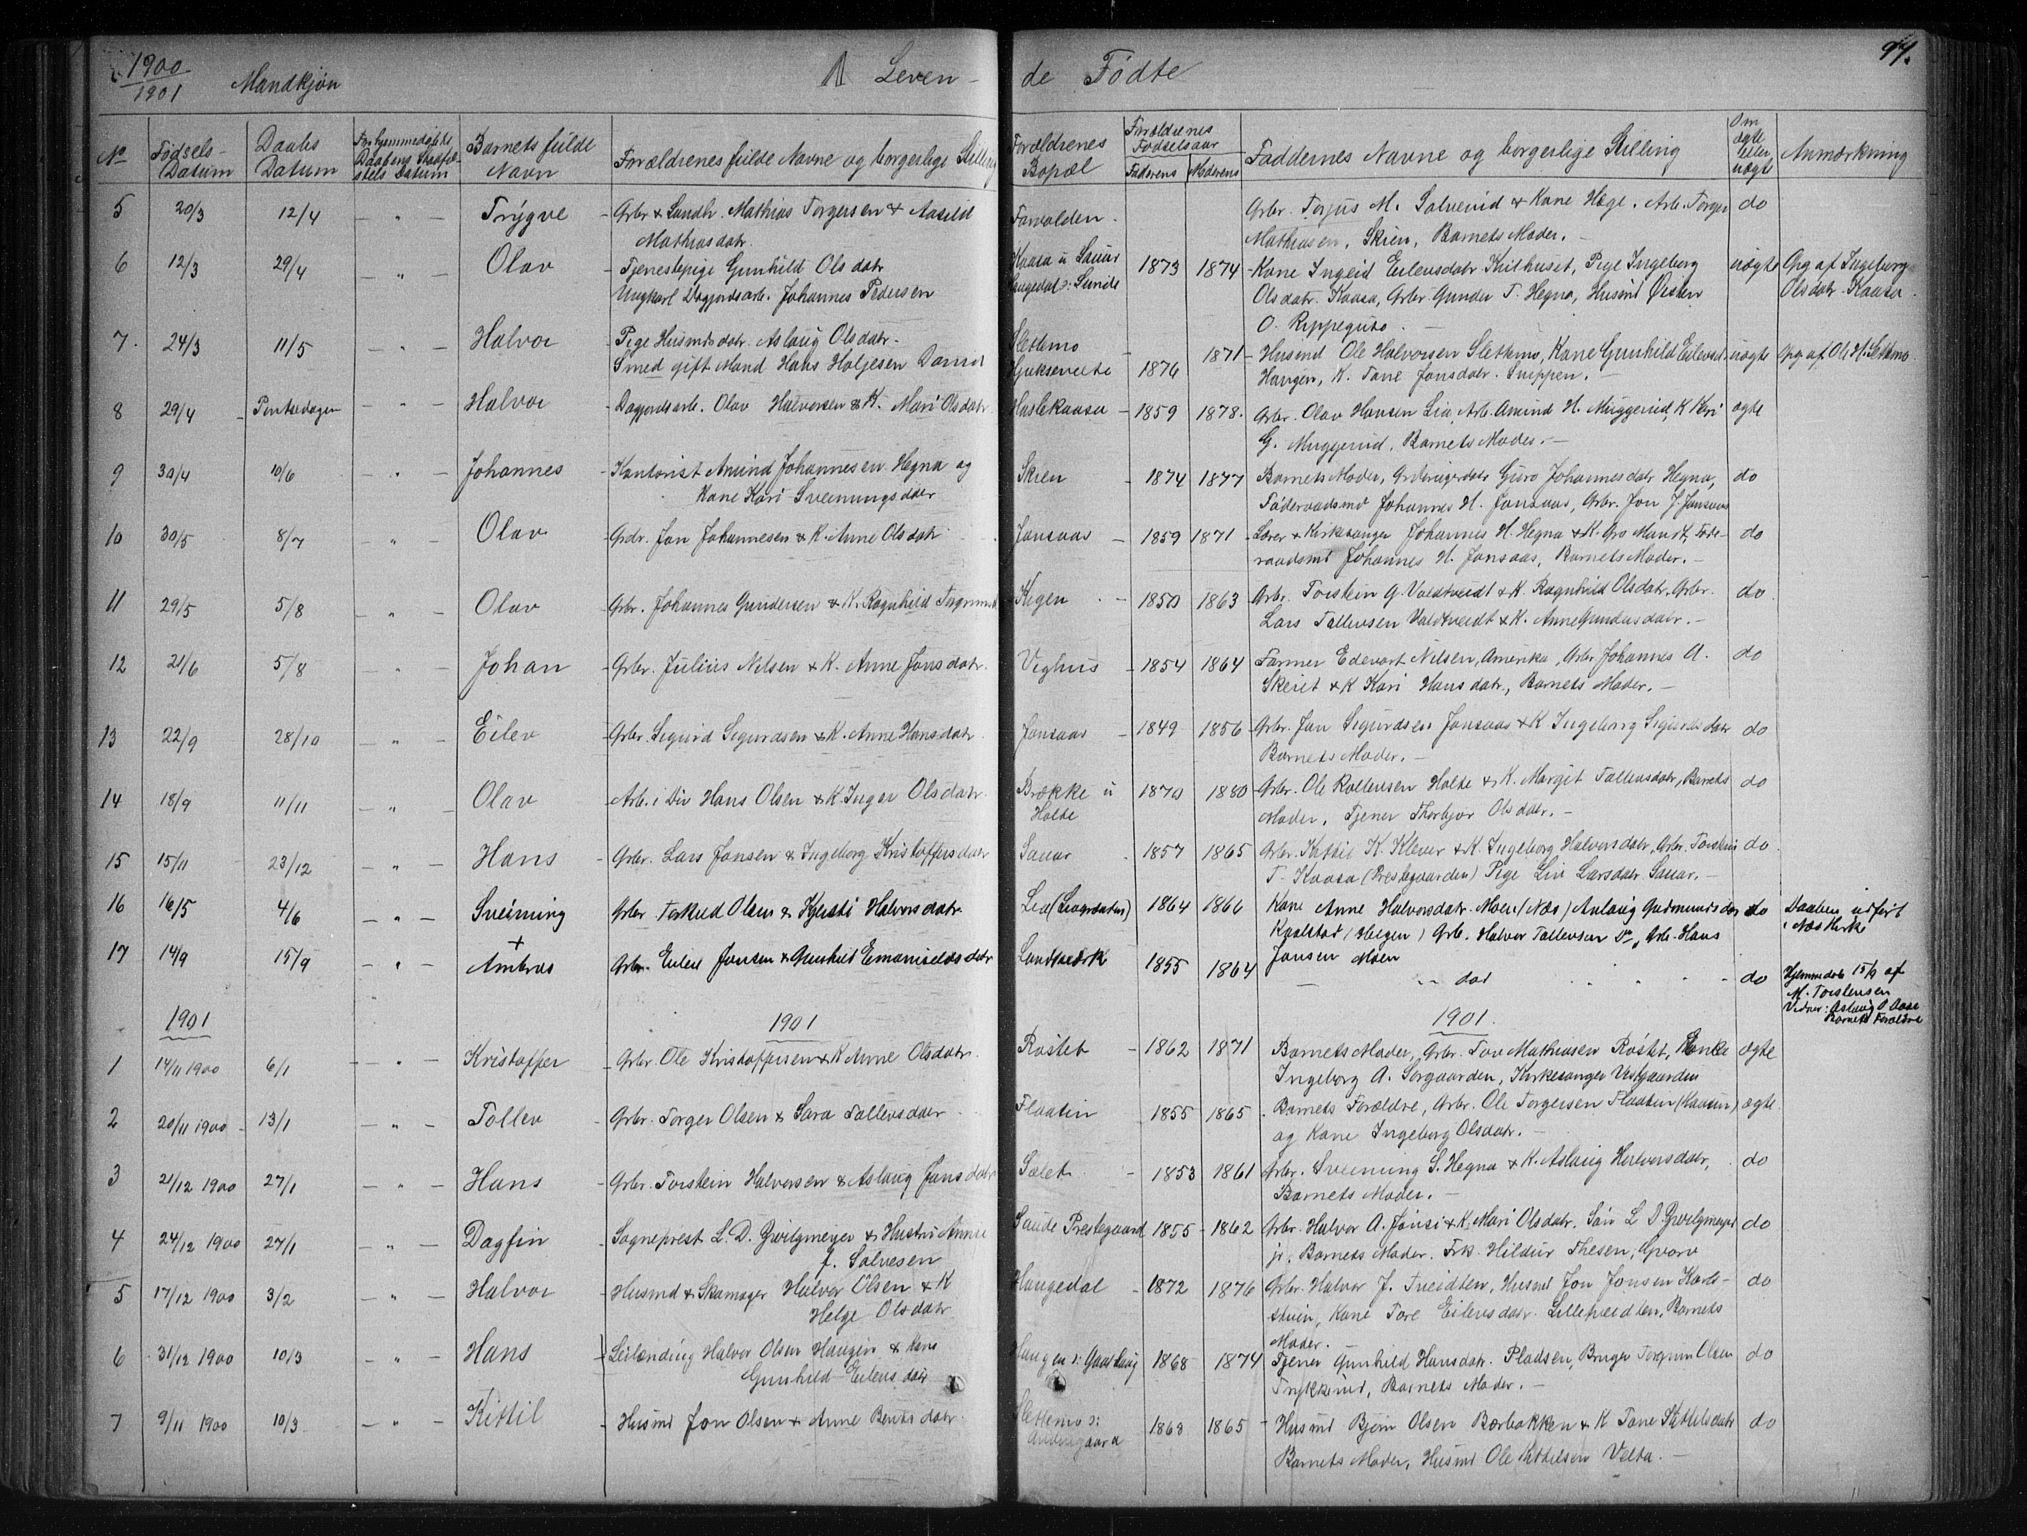 SAKO, Sauherad kirkebøker, G/Ga/L0003: Klokkerbok nr. I 3, 1866-1905, s. 97